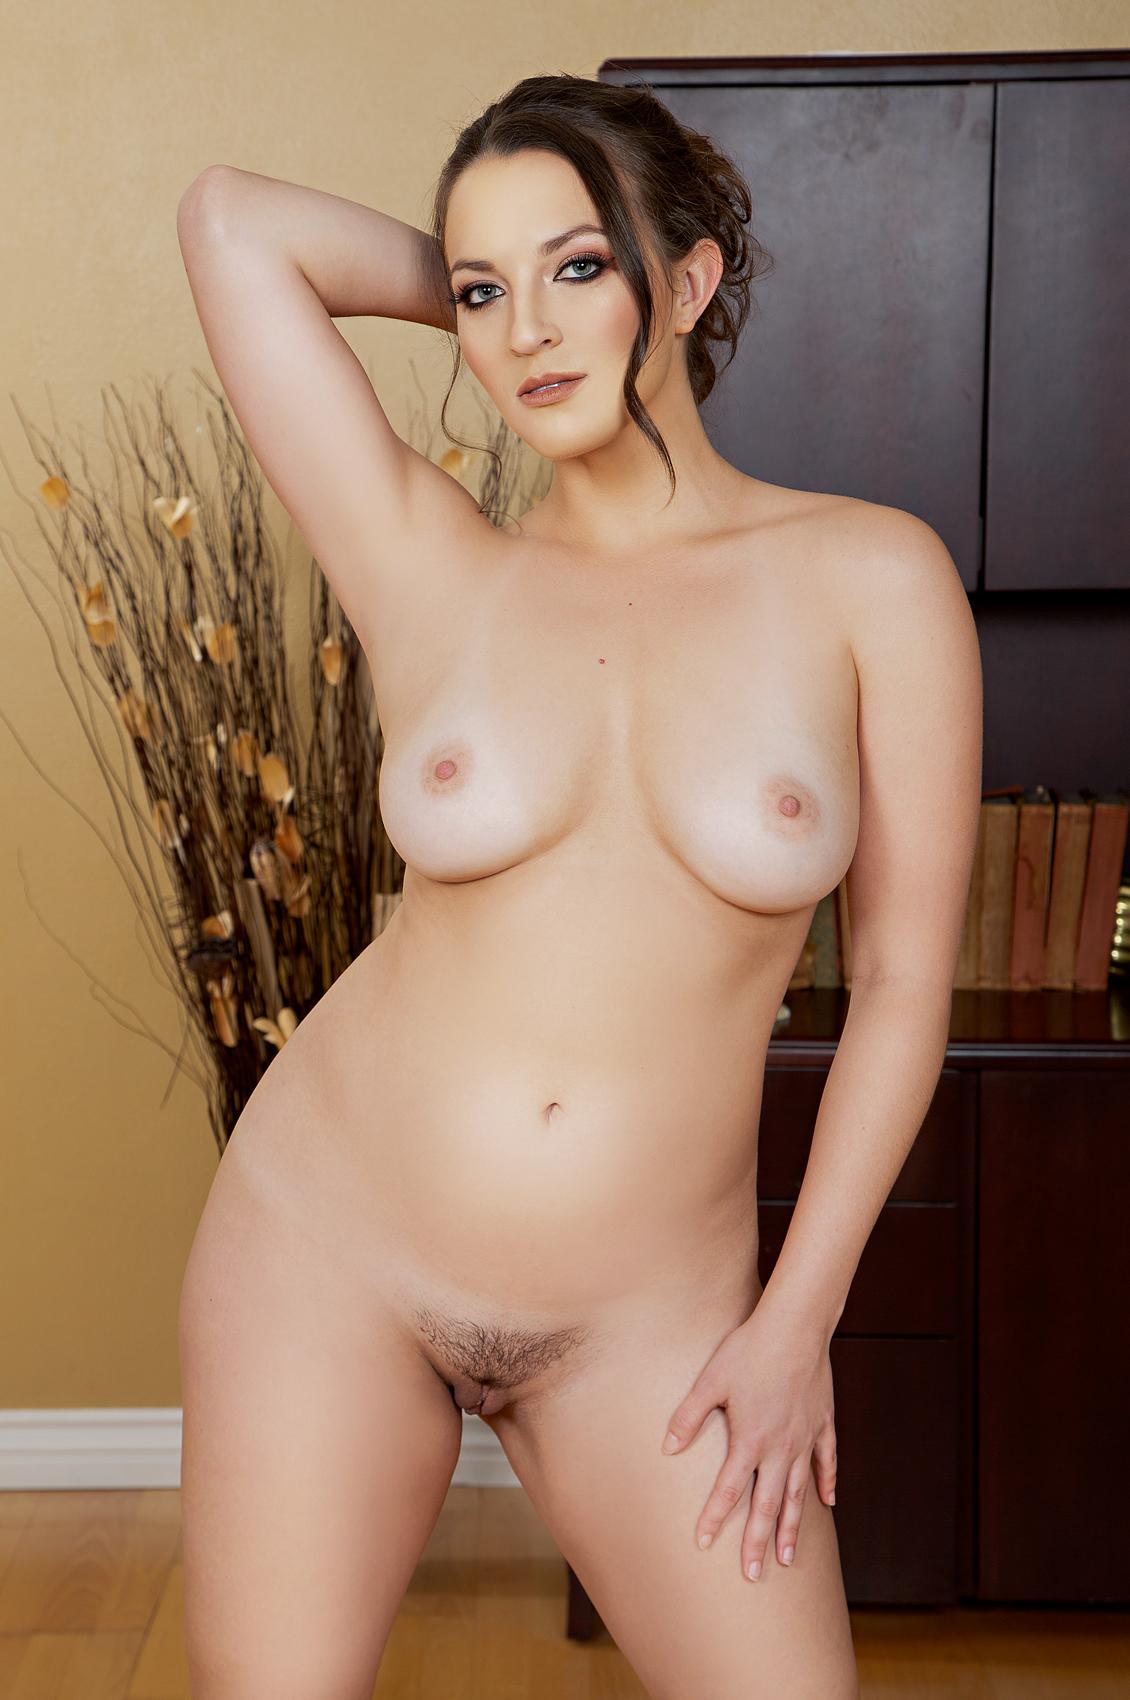 Lily Love's VR Porn Videos, Bio & Free Nude Pics